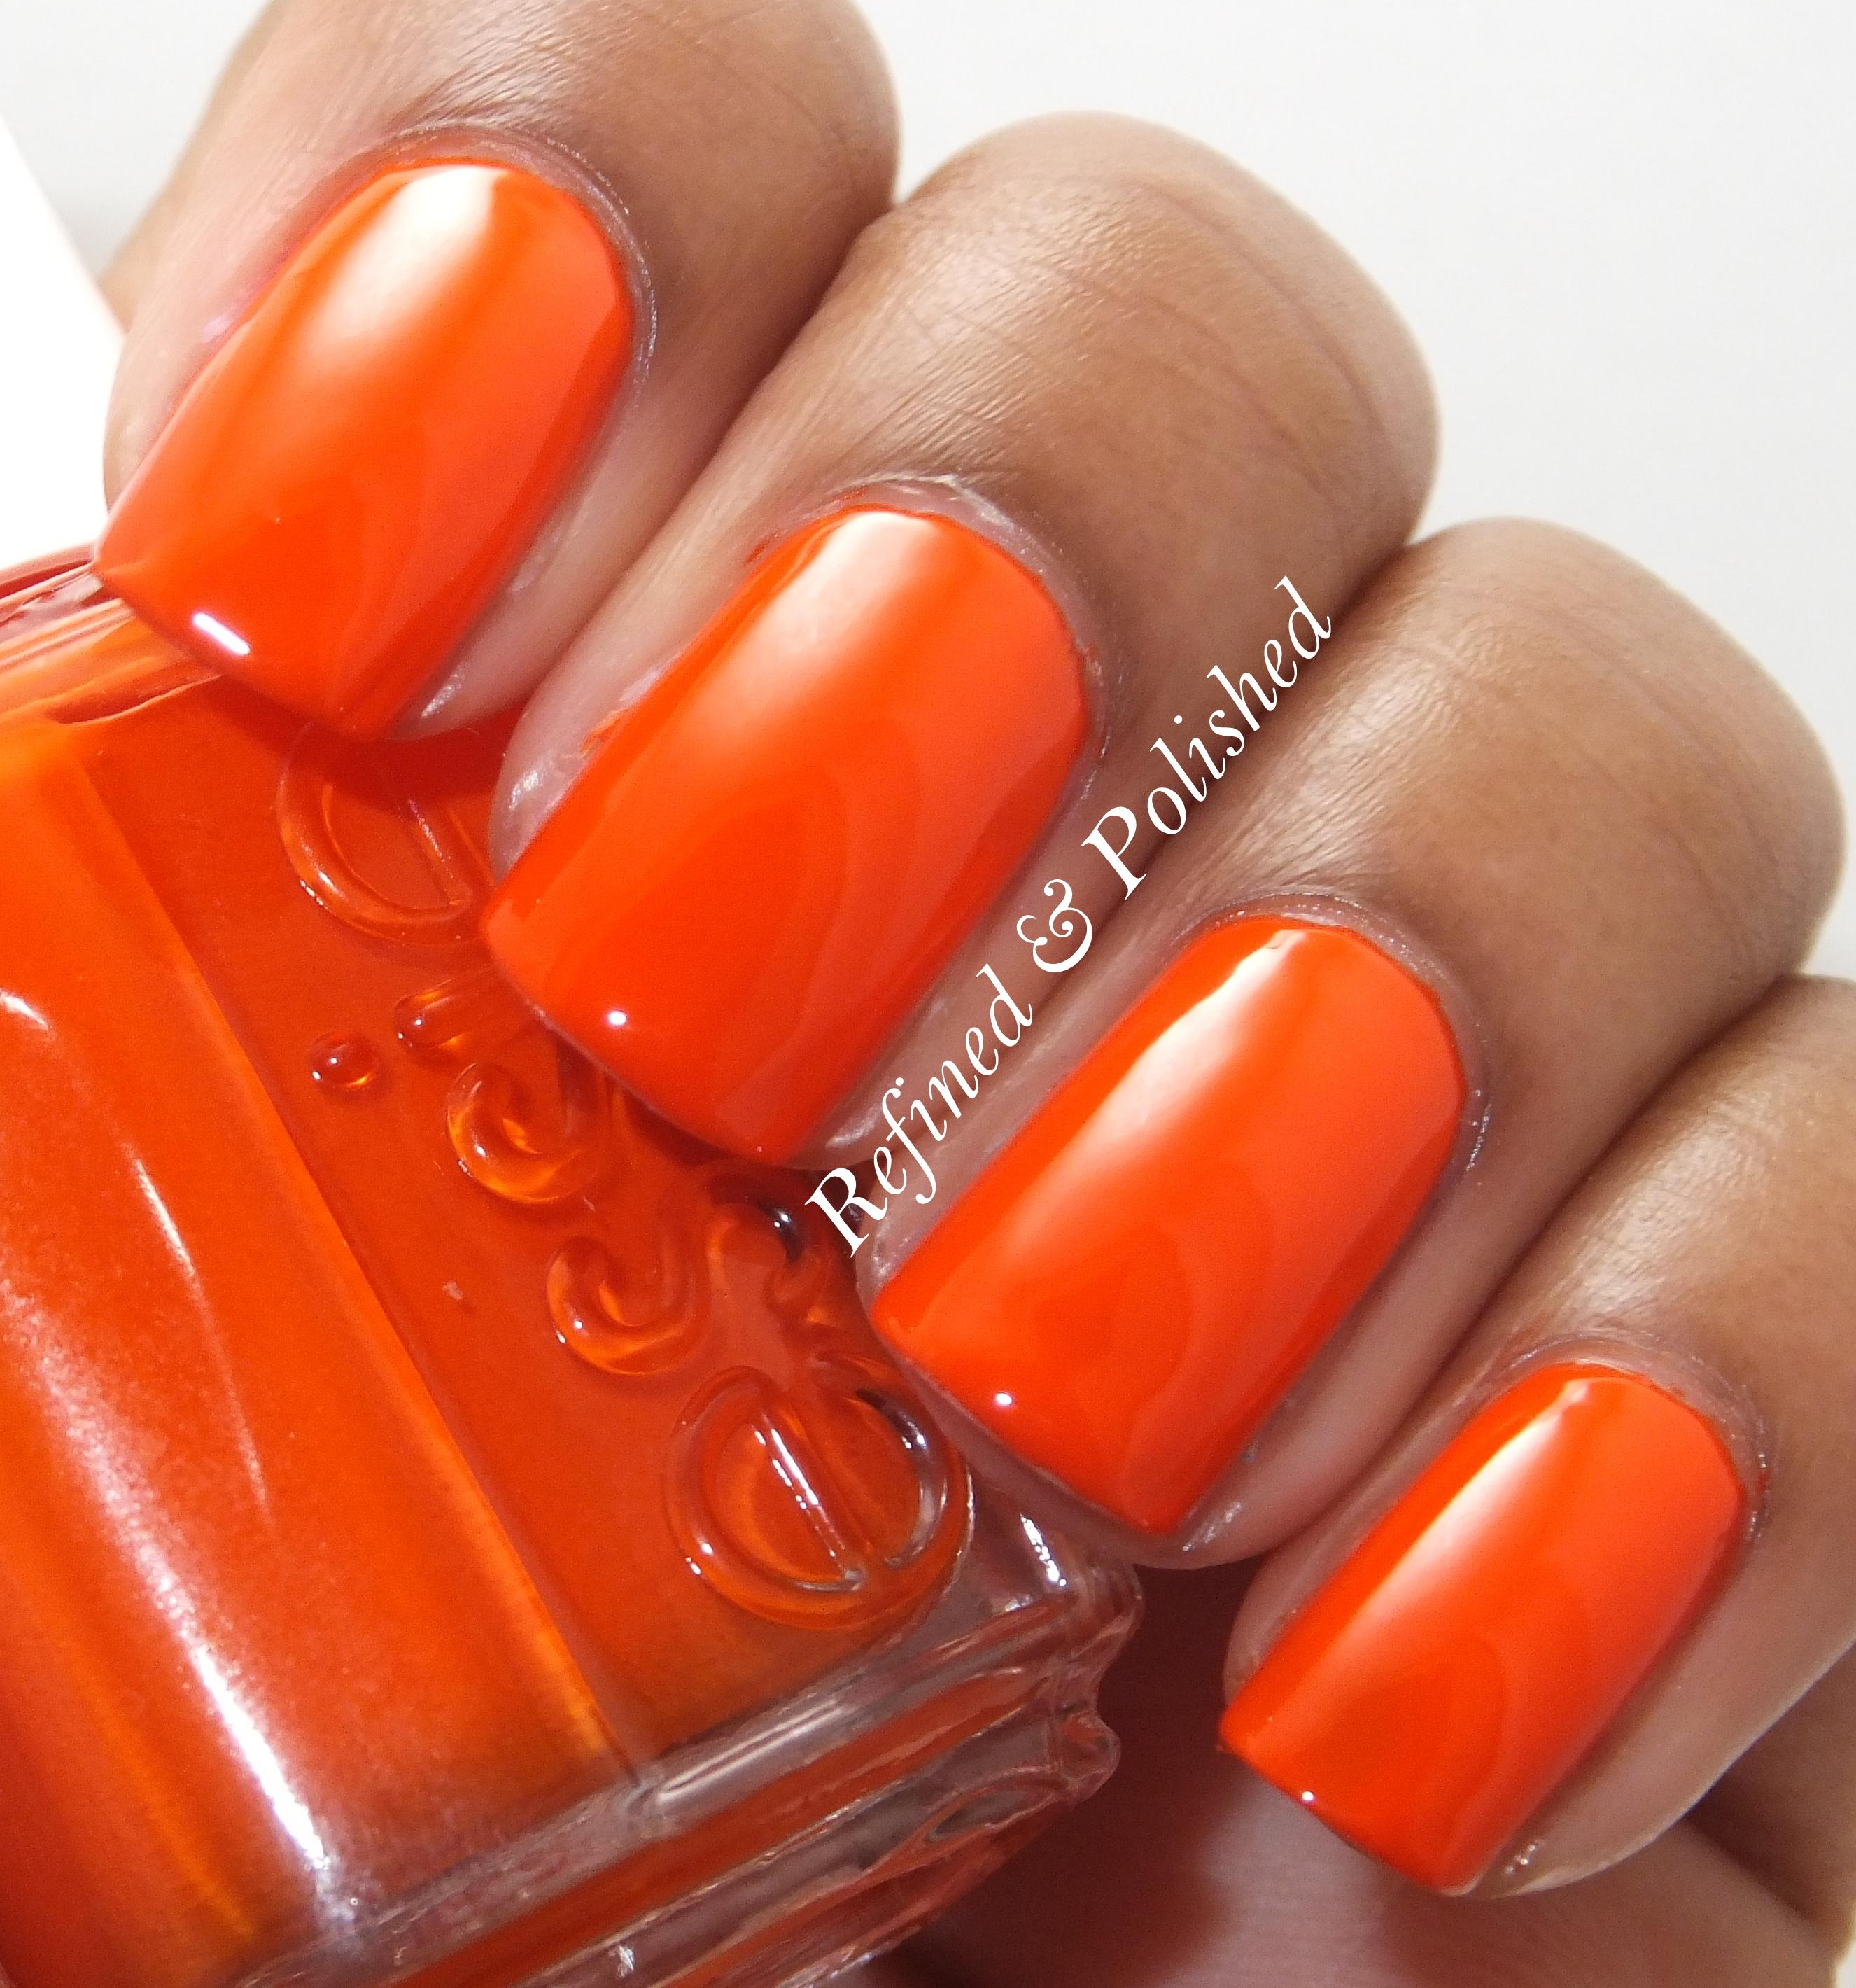 Essie Orange, It's Obvious + SeaLore Beluga Blizzard